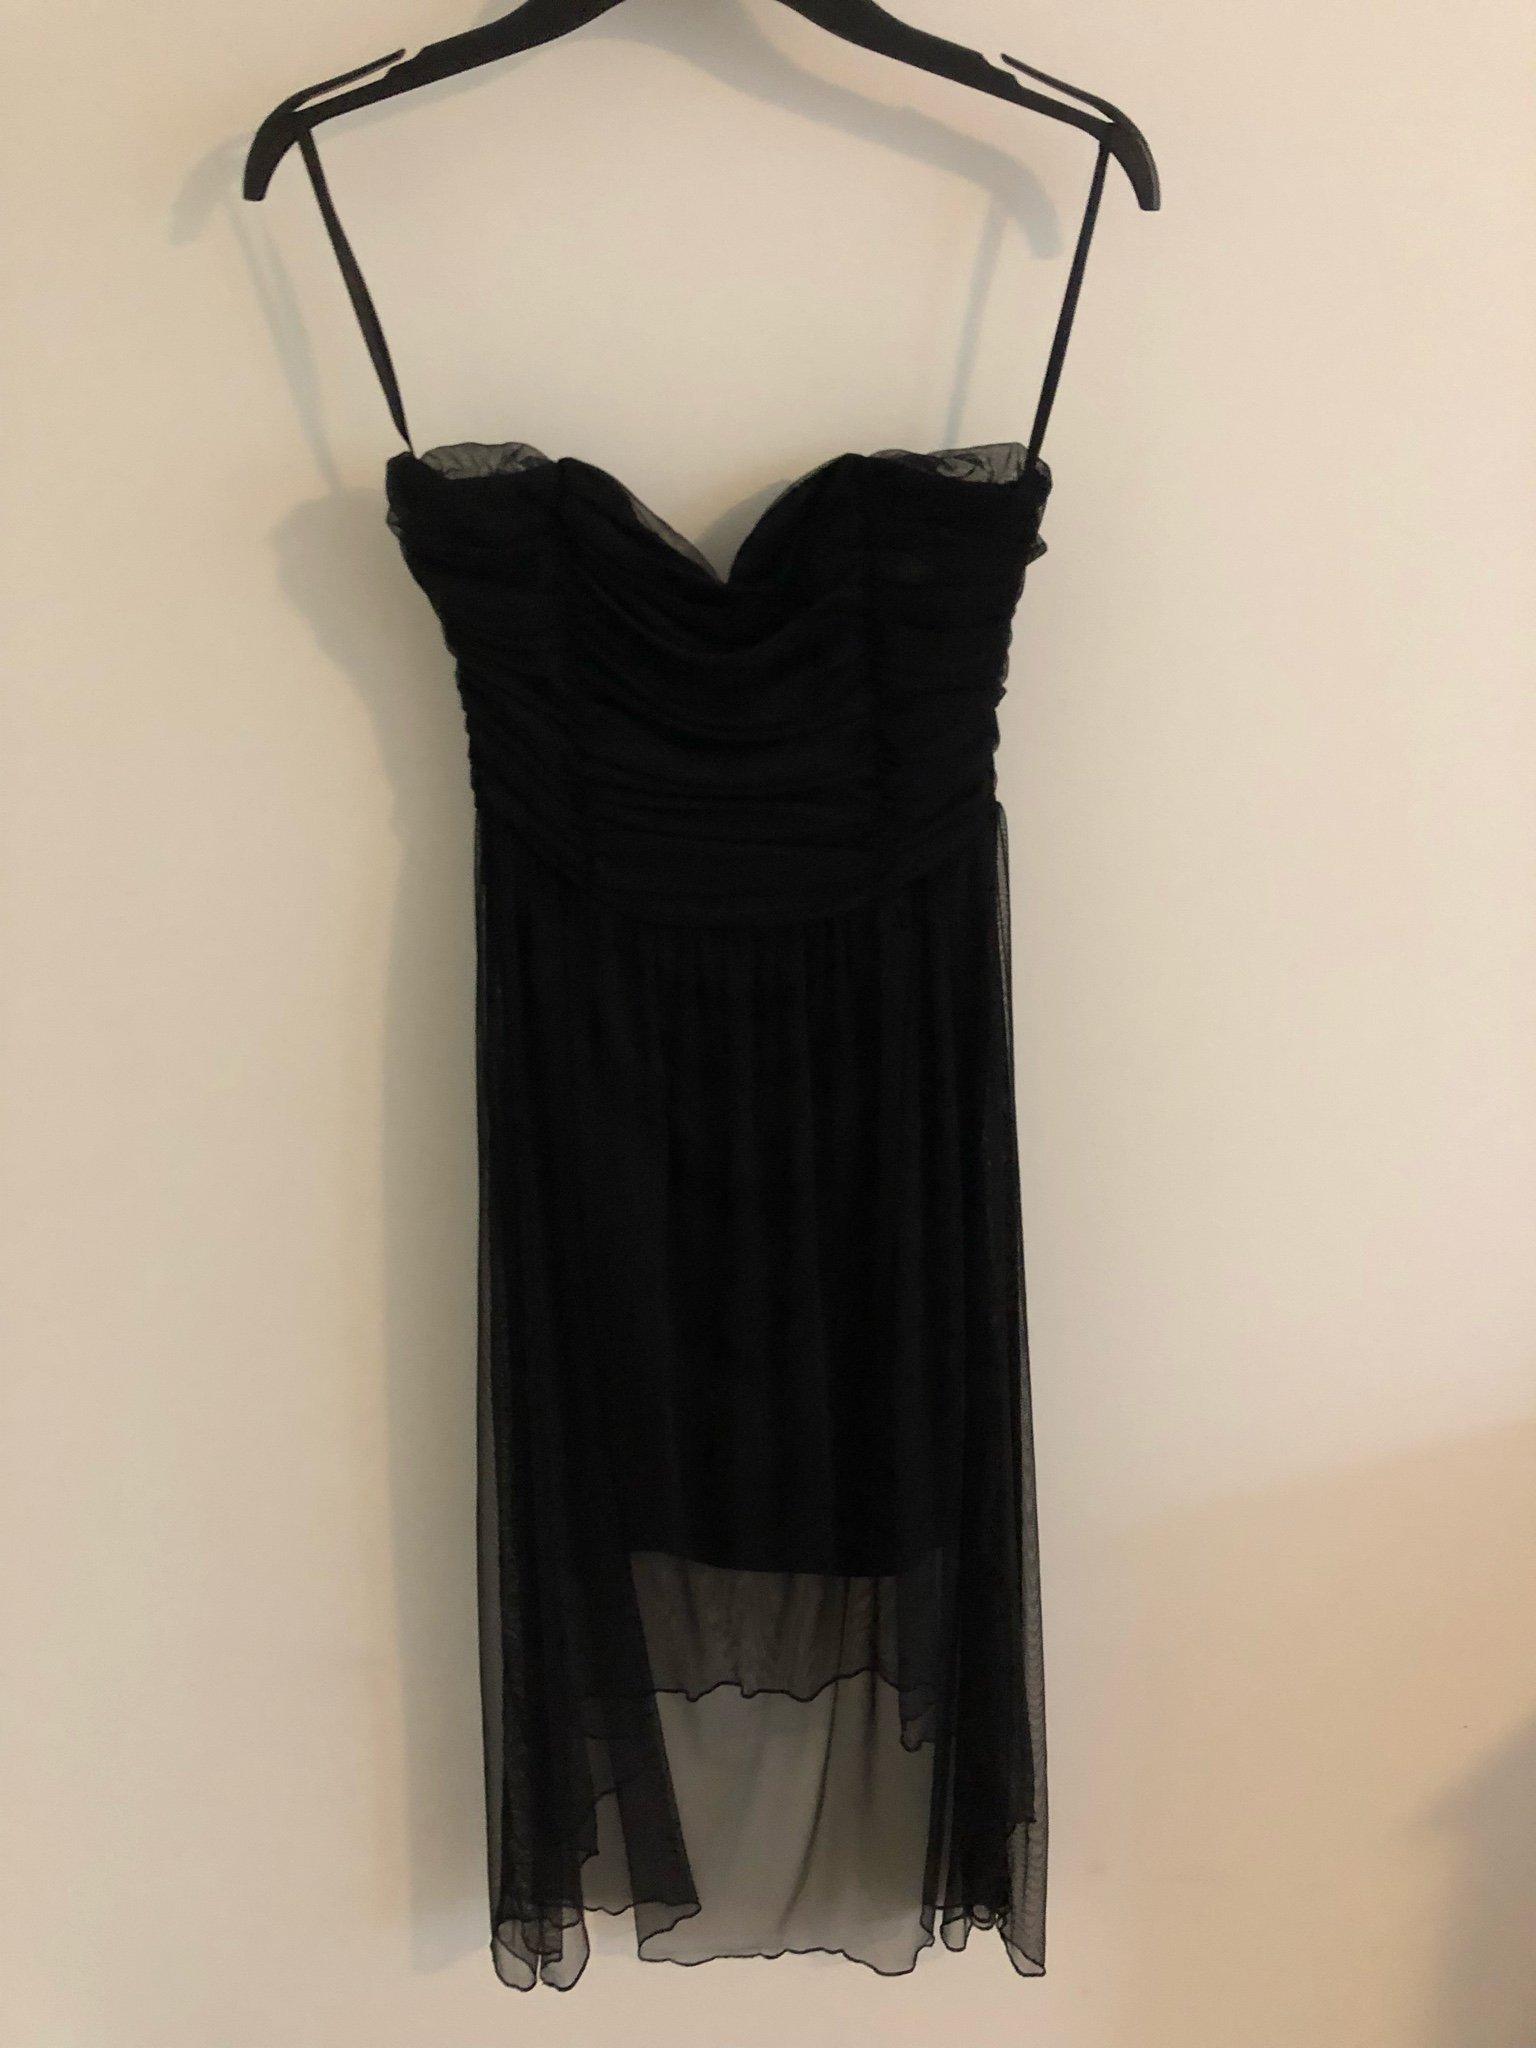 aa9560478751 Svart klänning med släp ny med lapp (344190617) ᐈ Köp på Tradera